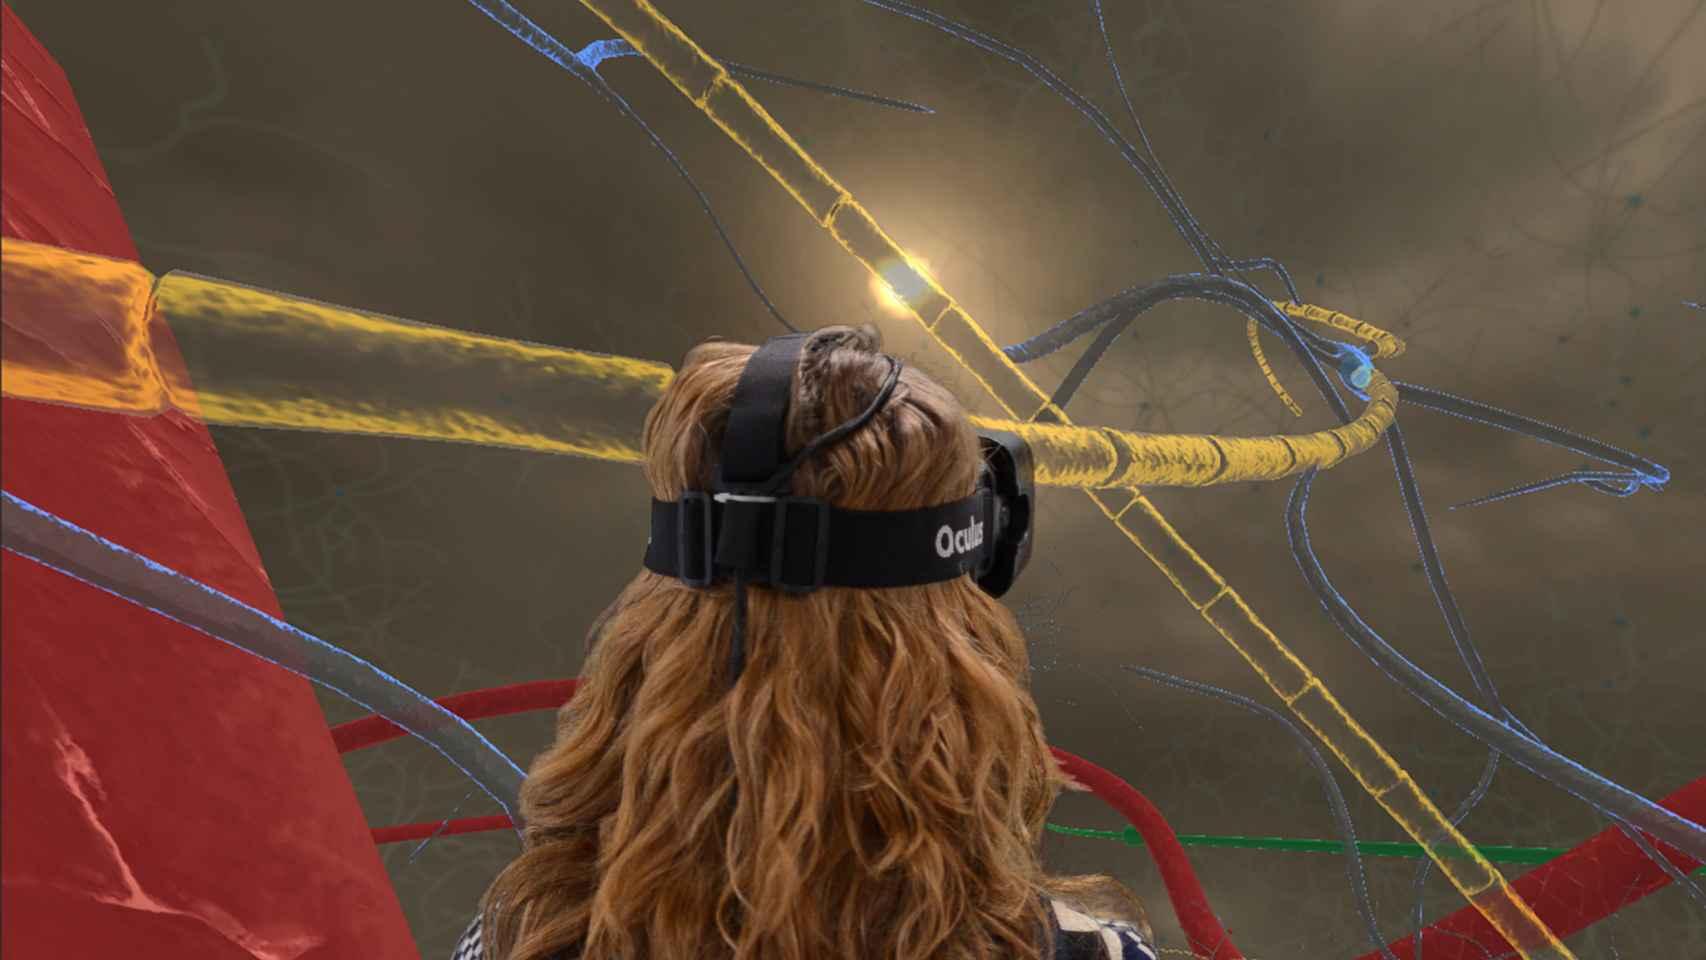 Los nuevos casos de VR son más asequibles y ello ayuda a la investigación.